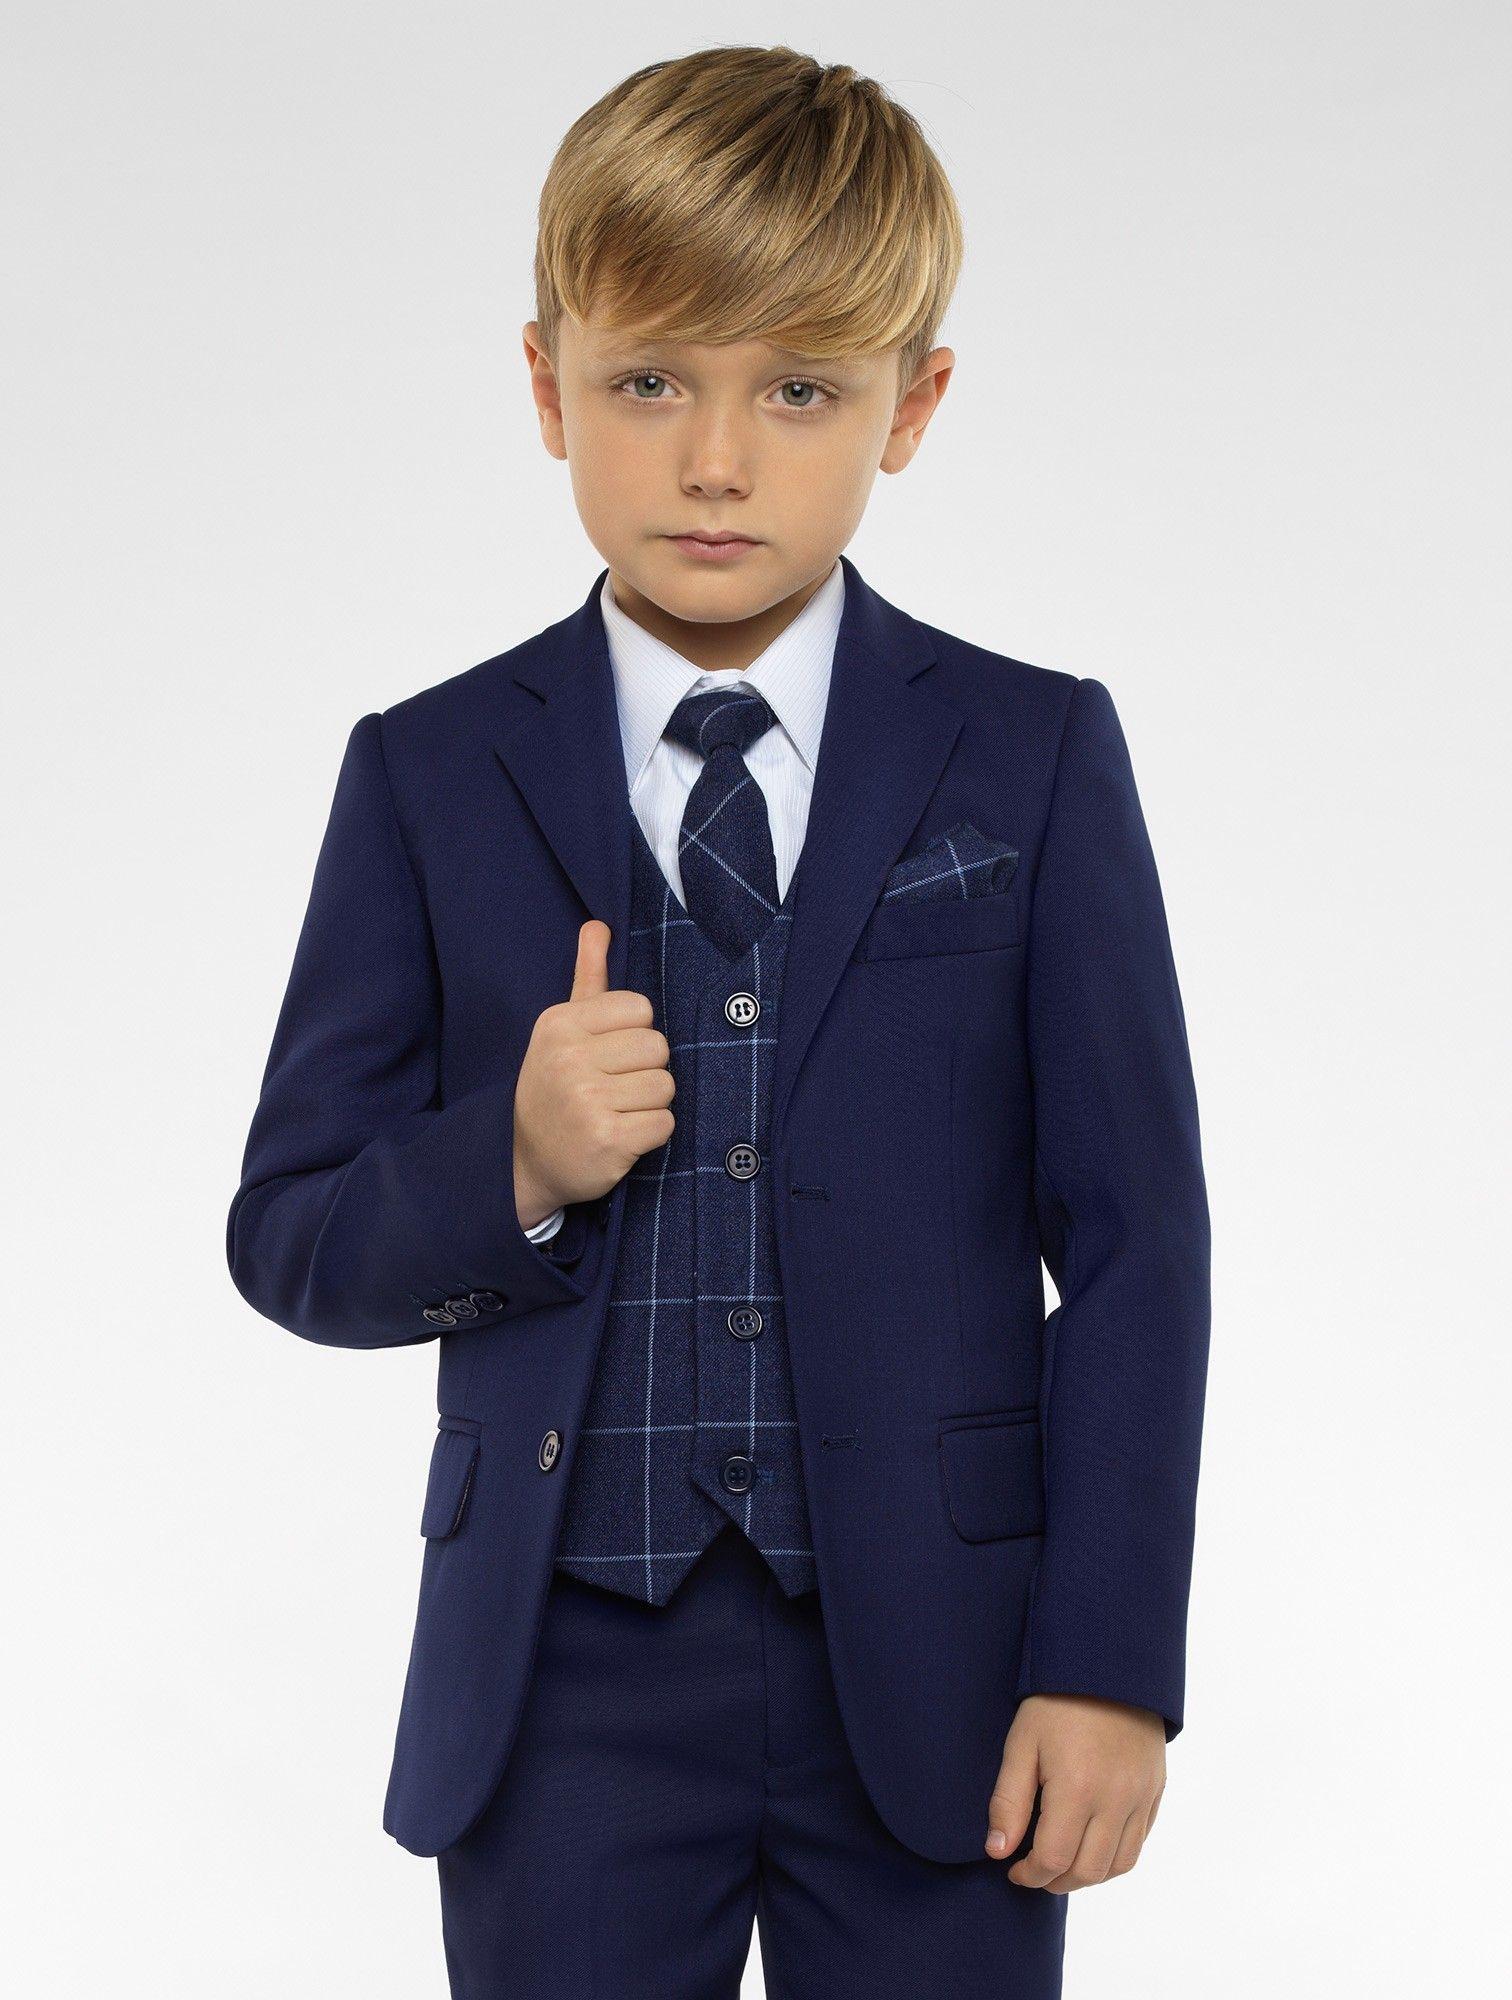 Boys blue & navy suit | Boys blue page boy suit | Kingsman | Roco ...